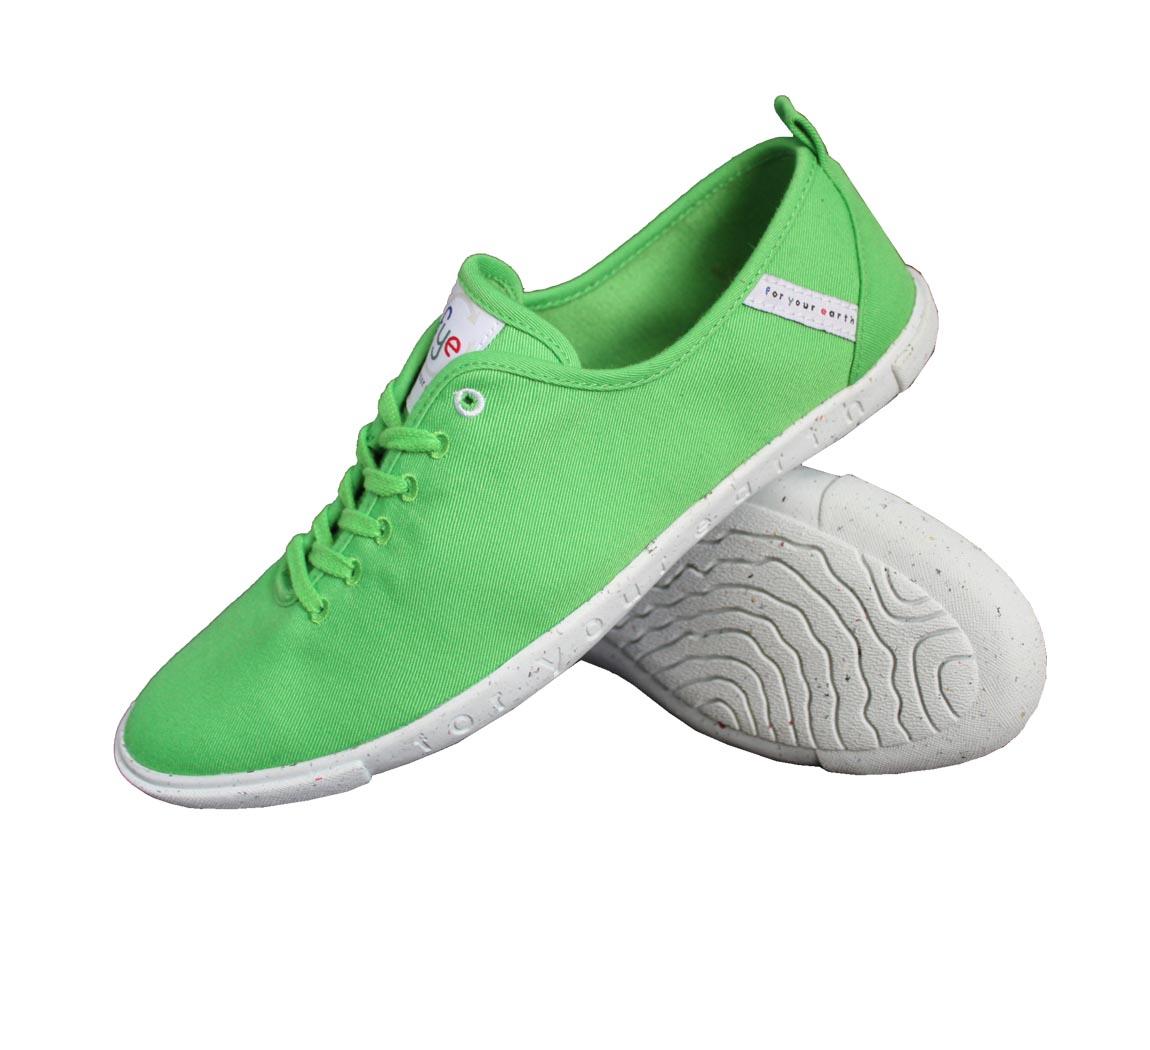 chaussure ecologique femme baltik green. Black Bedroom Furniture Sets. Home Design Ideas